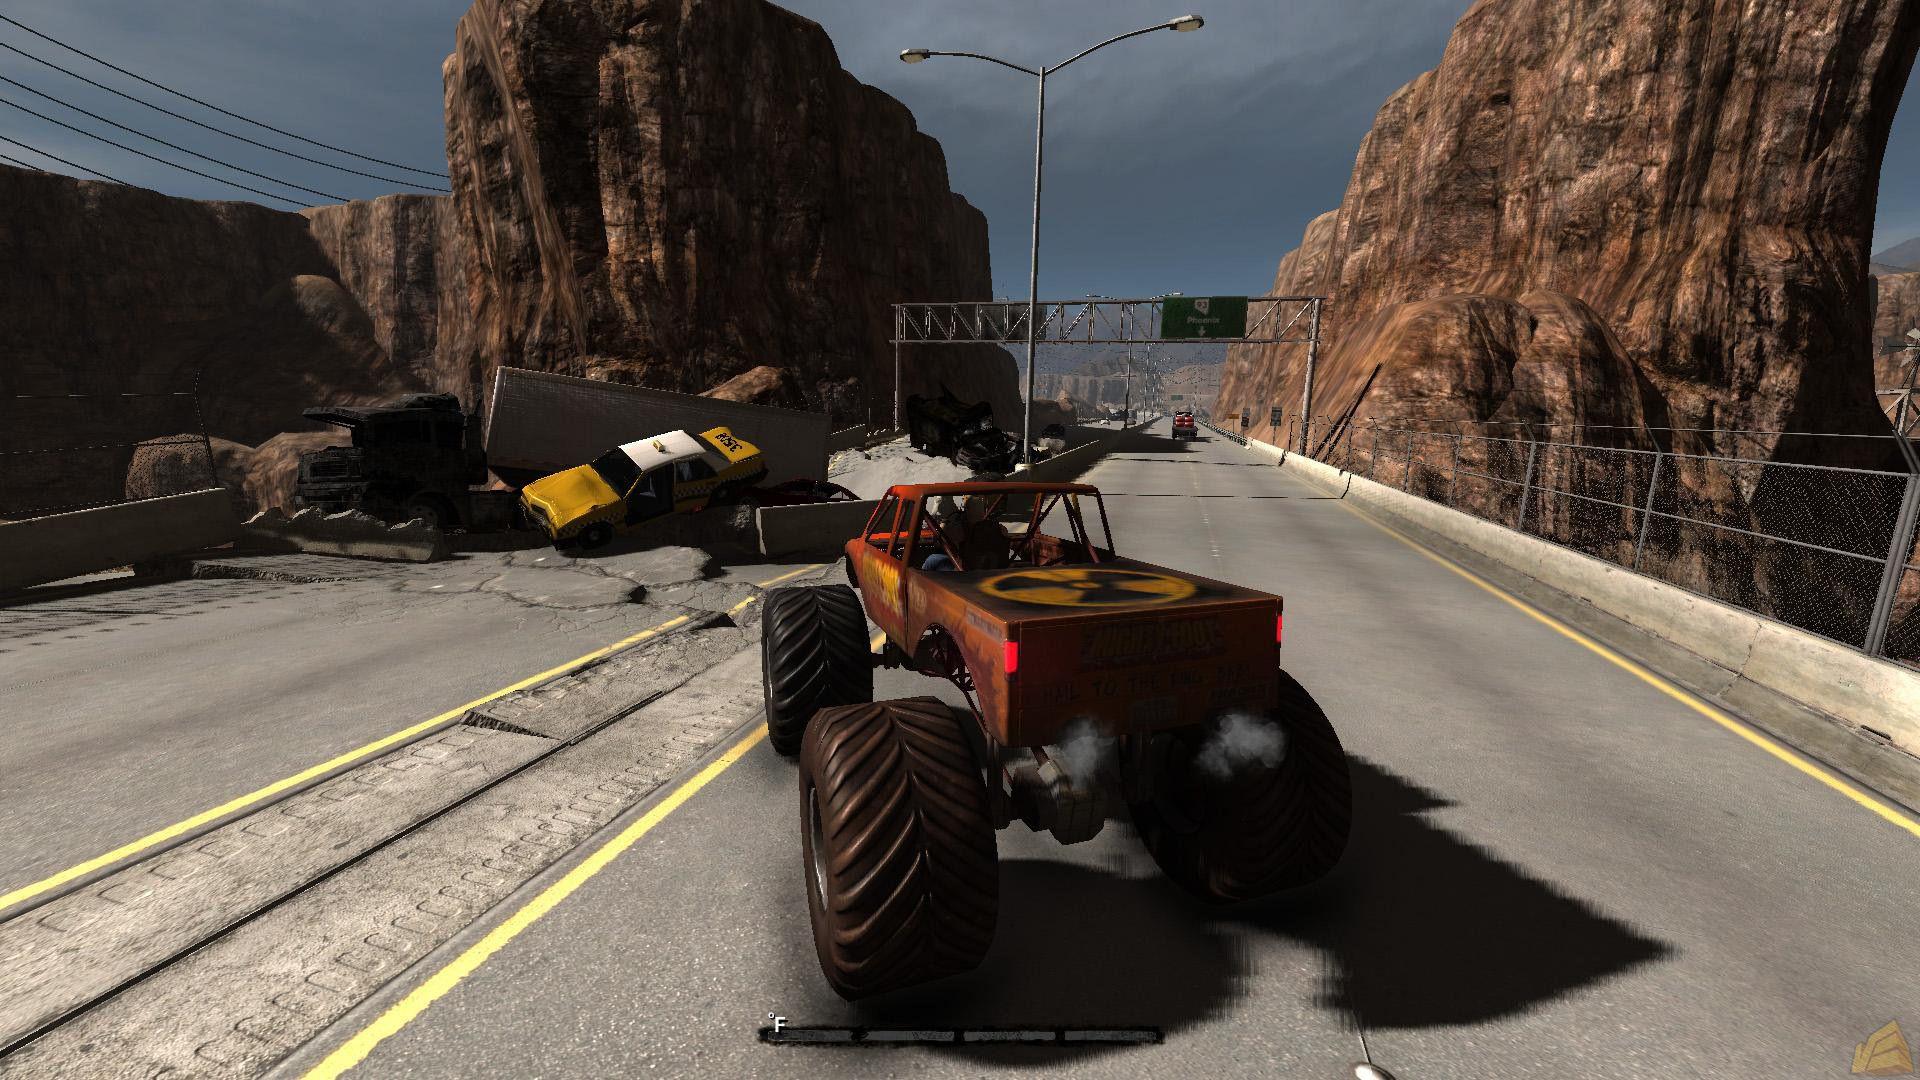 Truckfahrt